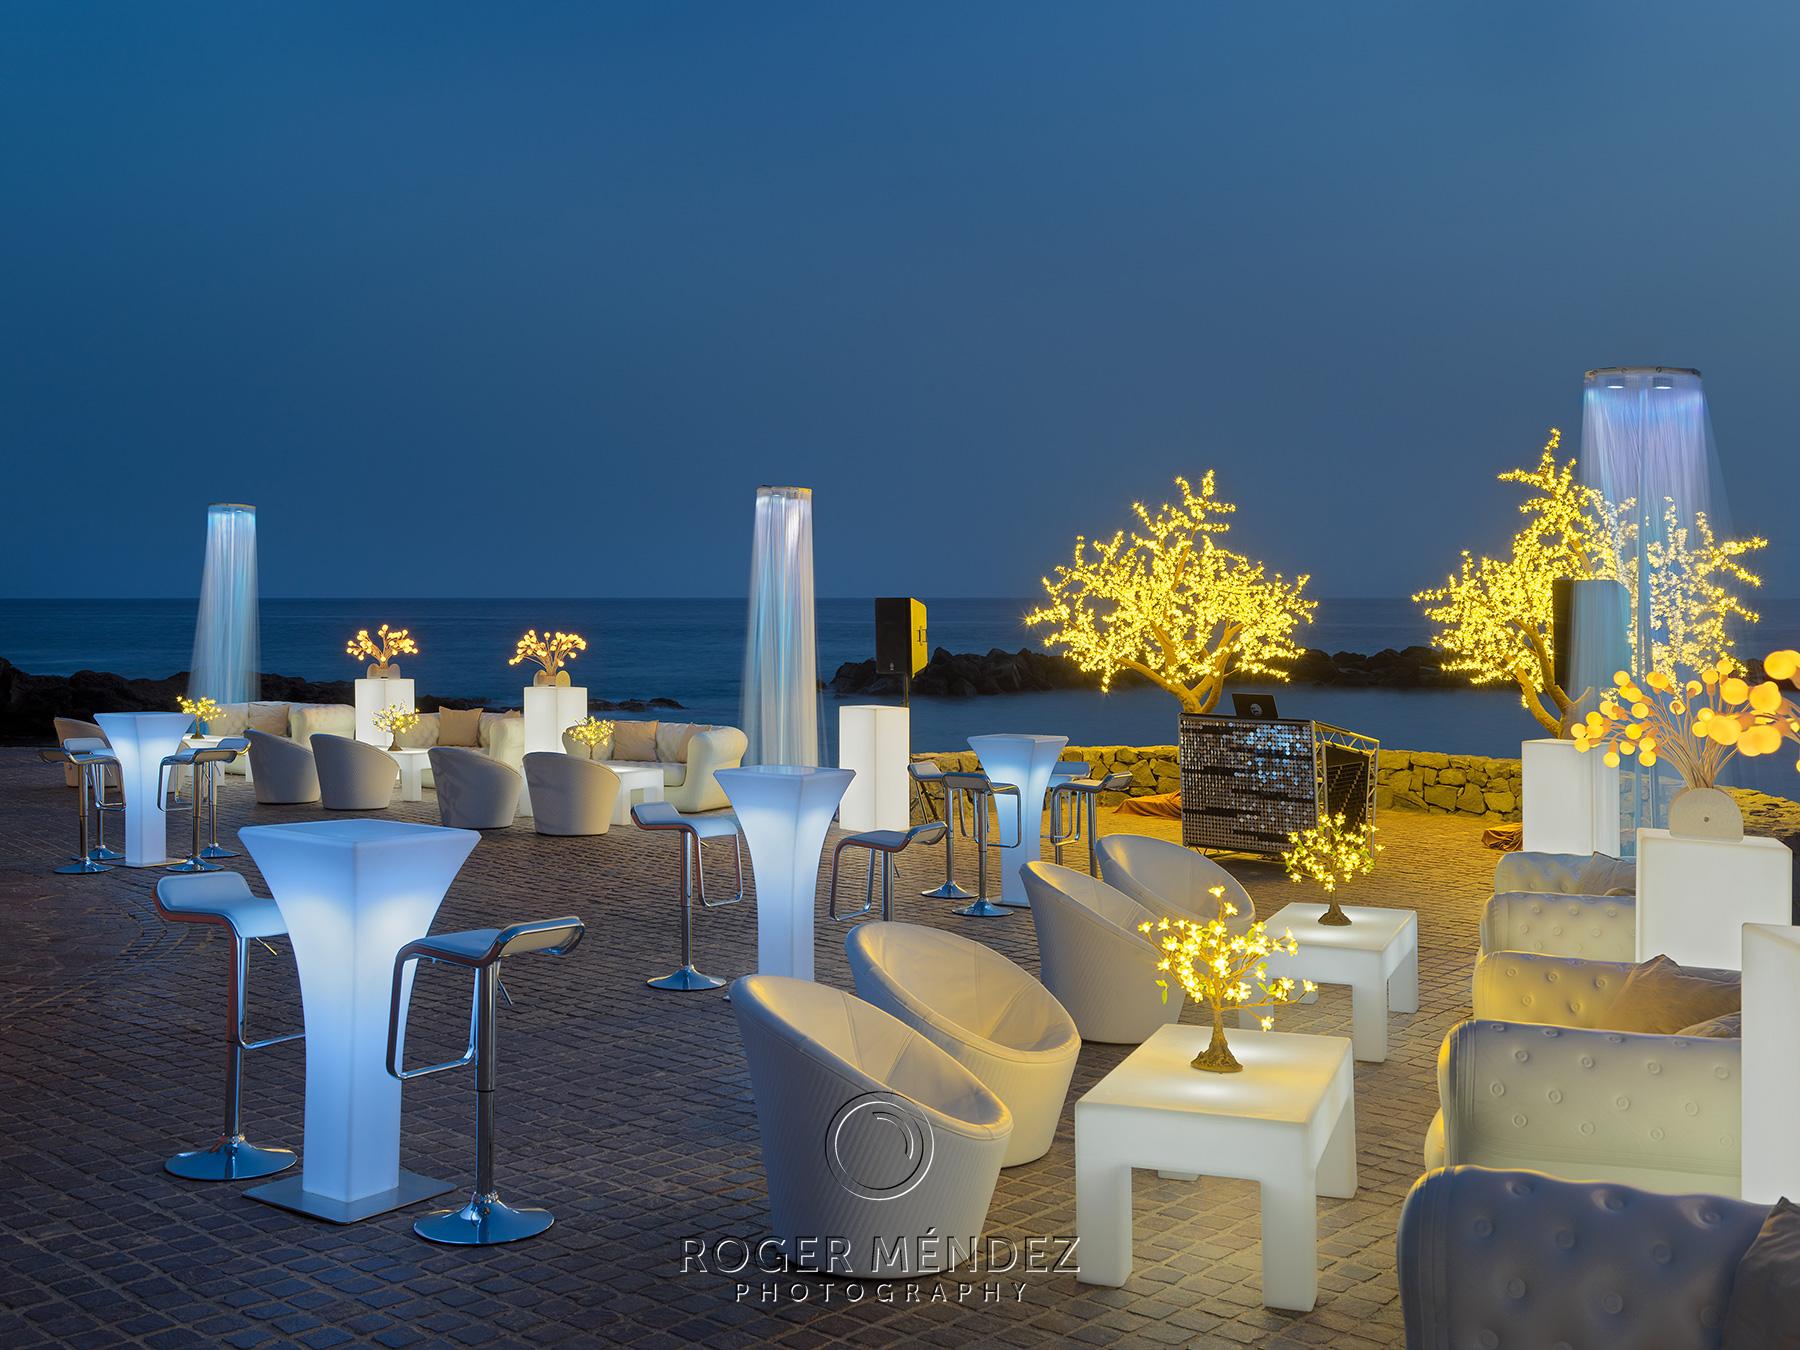 fotografía con luz ambiente de la terraza beach club